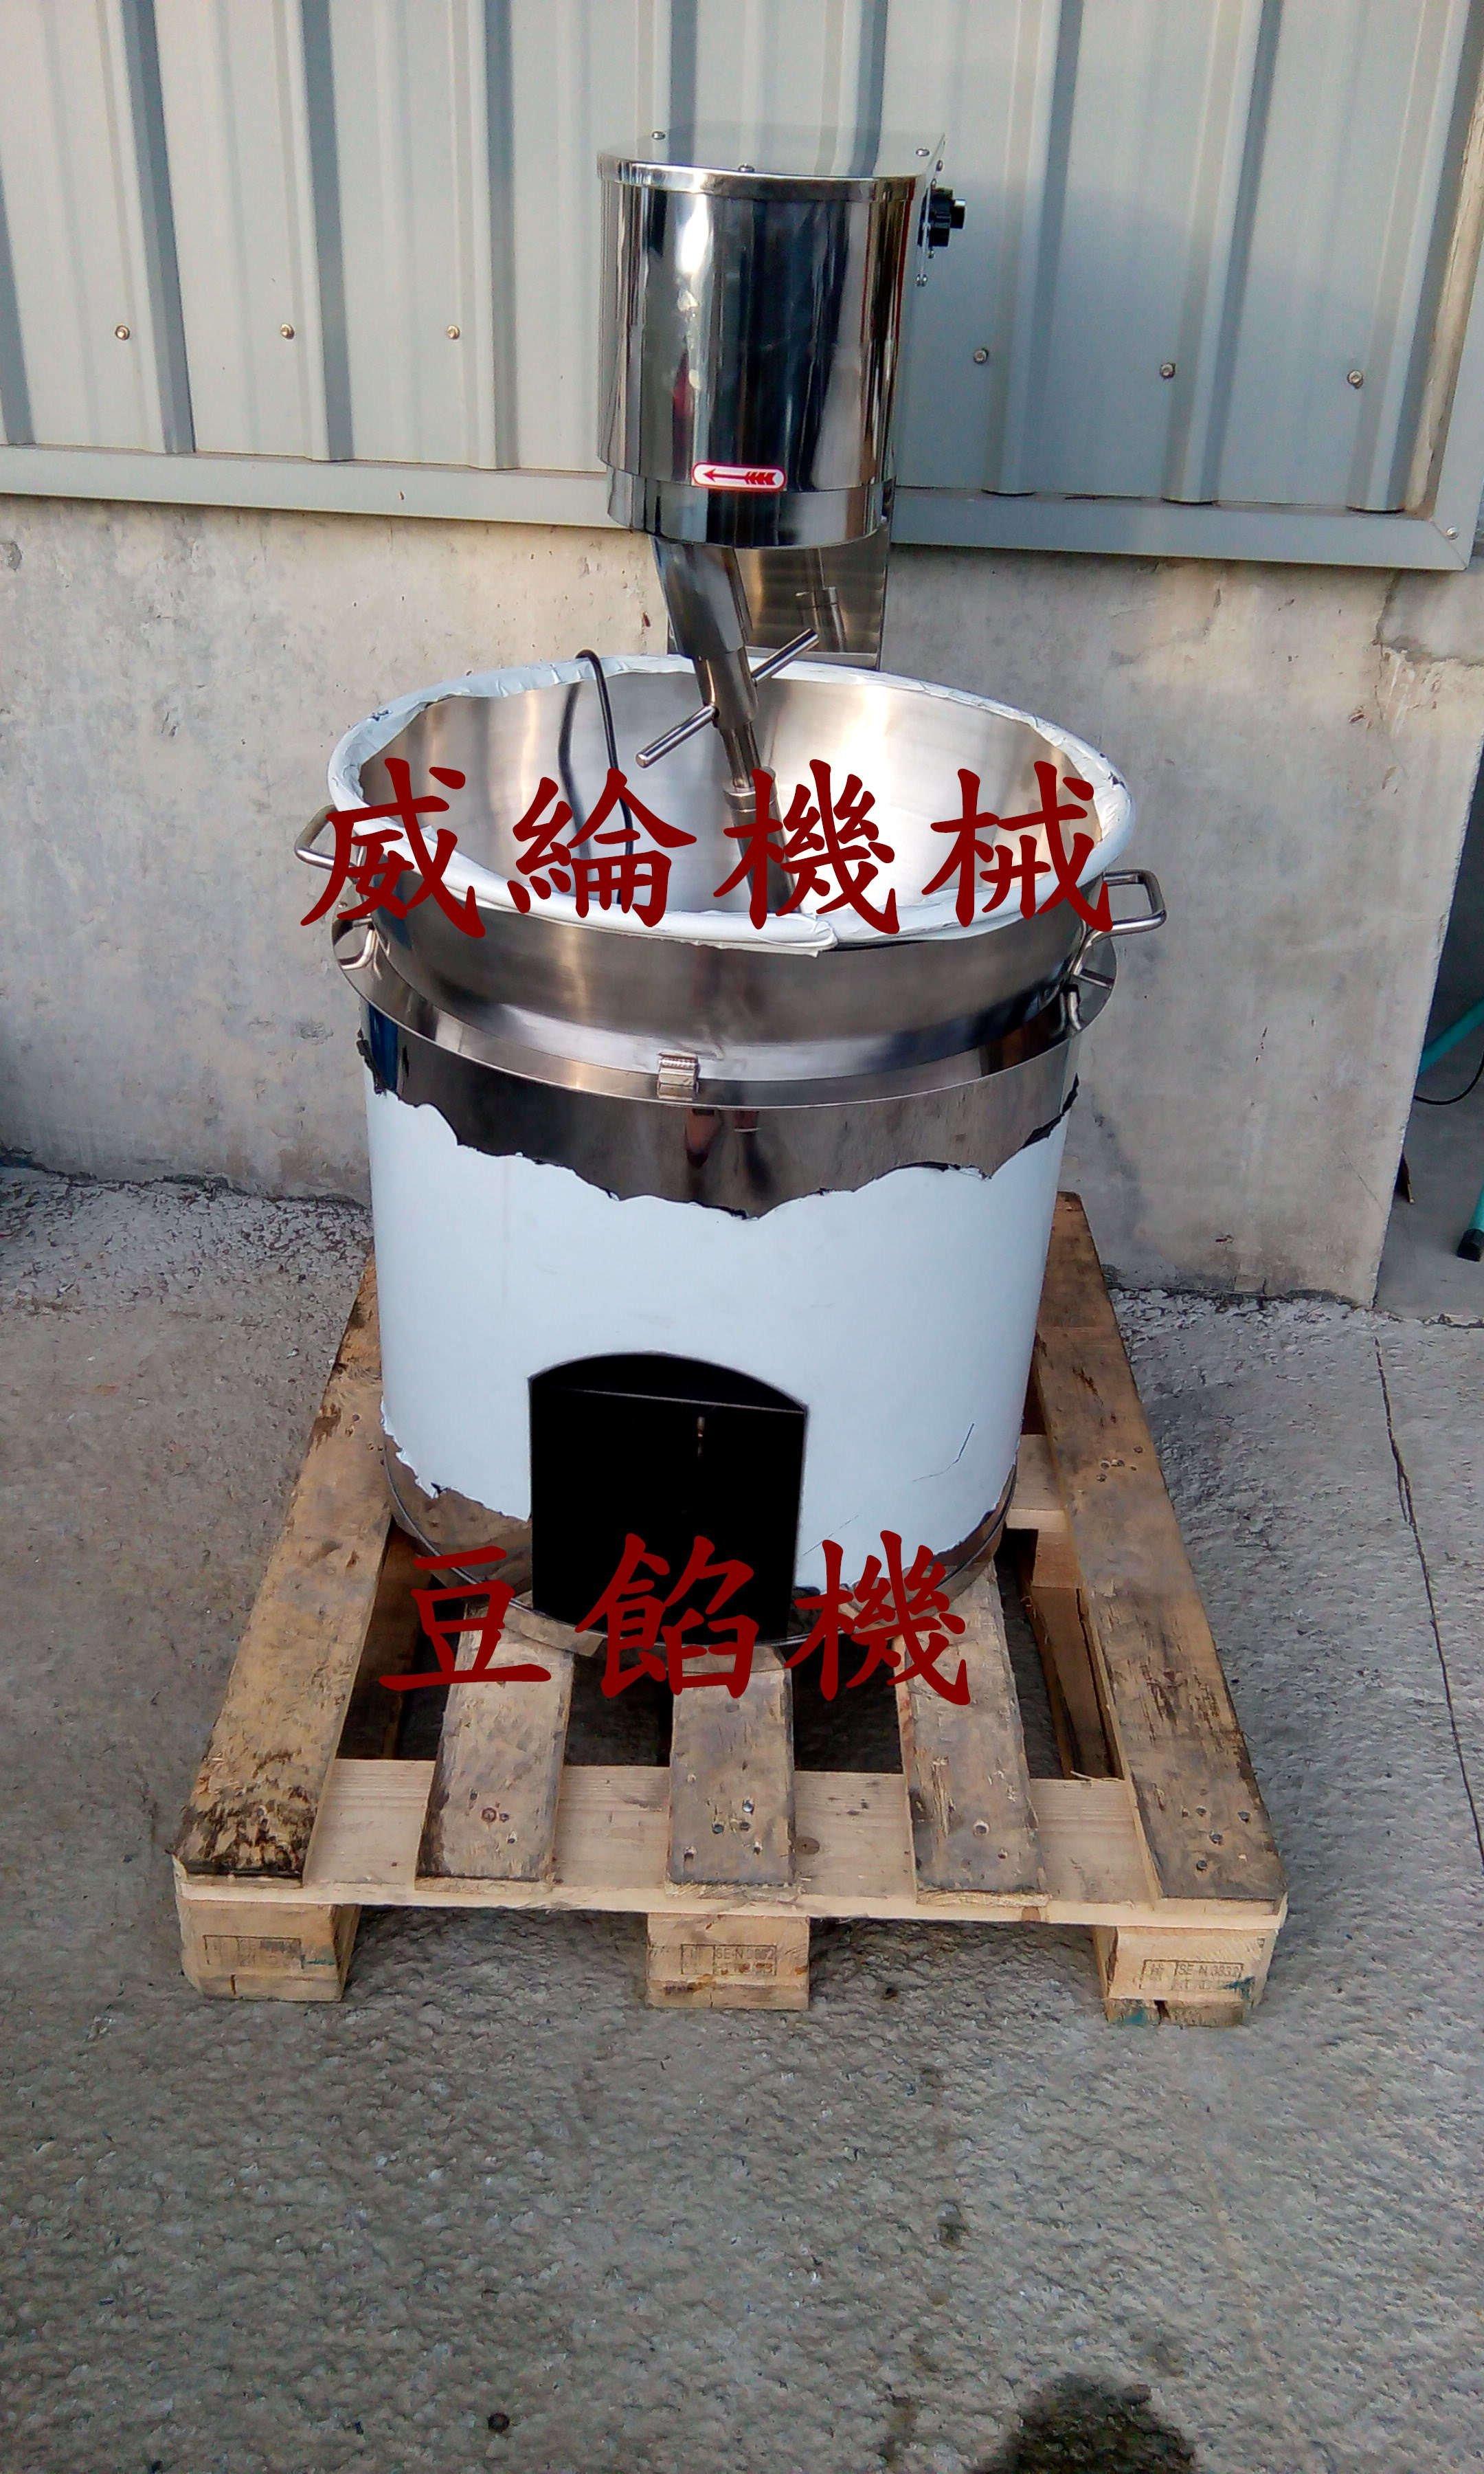 炒食機(瓦斯快速爐需另購)-威綸機械,工廠直營,專業製造食品機械、混合機、碎冰機、粉碎機、食品乾燥機等